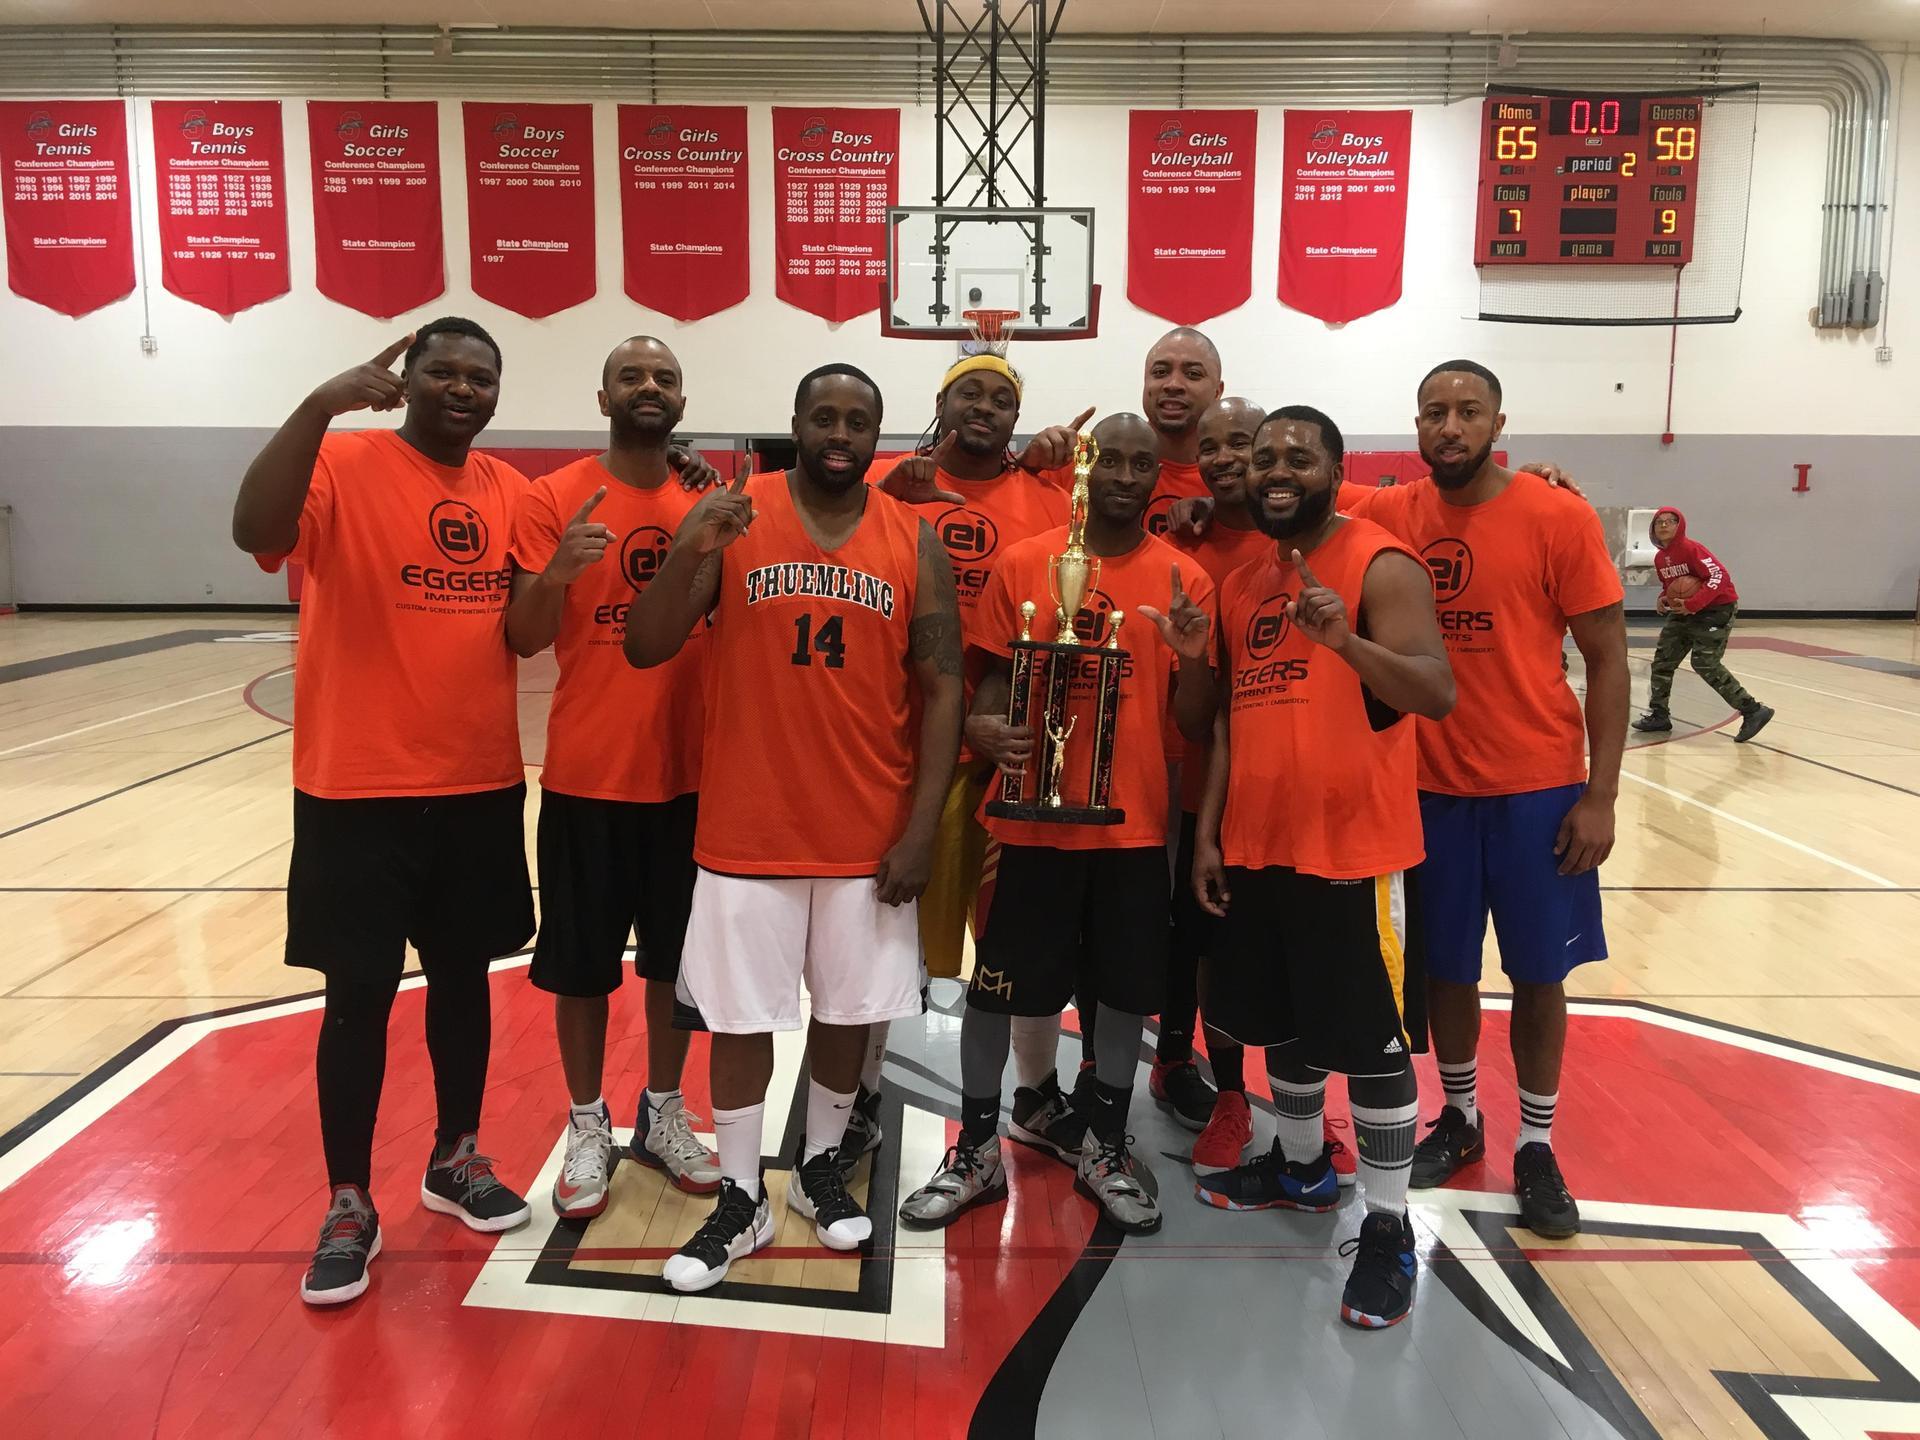 35+ Adult Basketball Champs